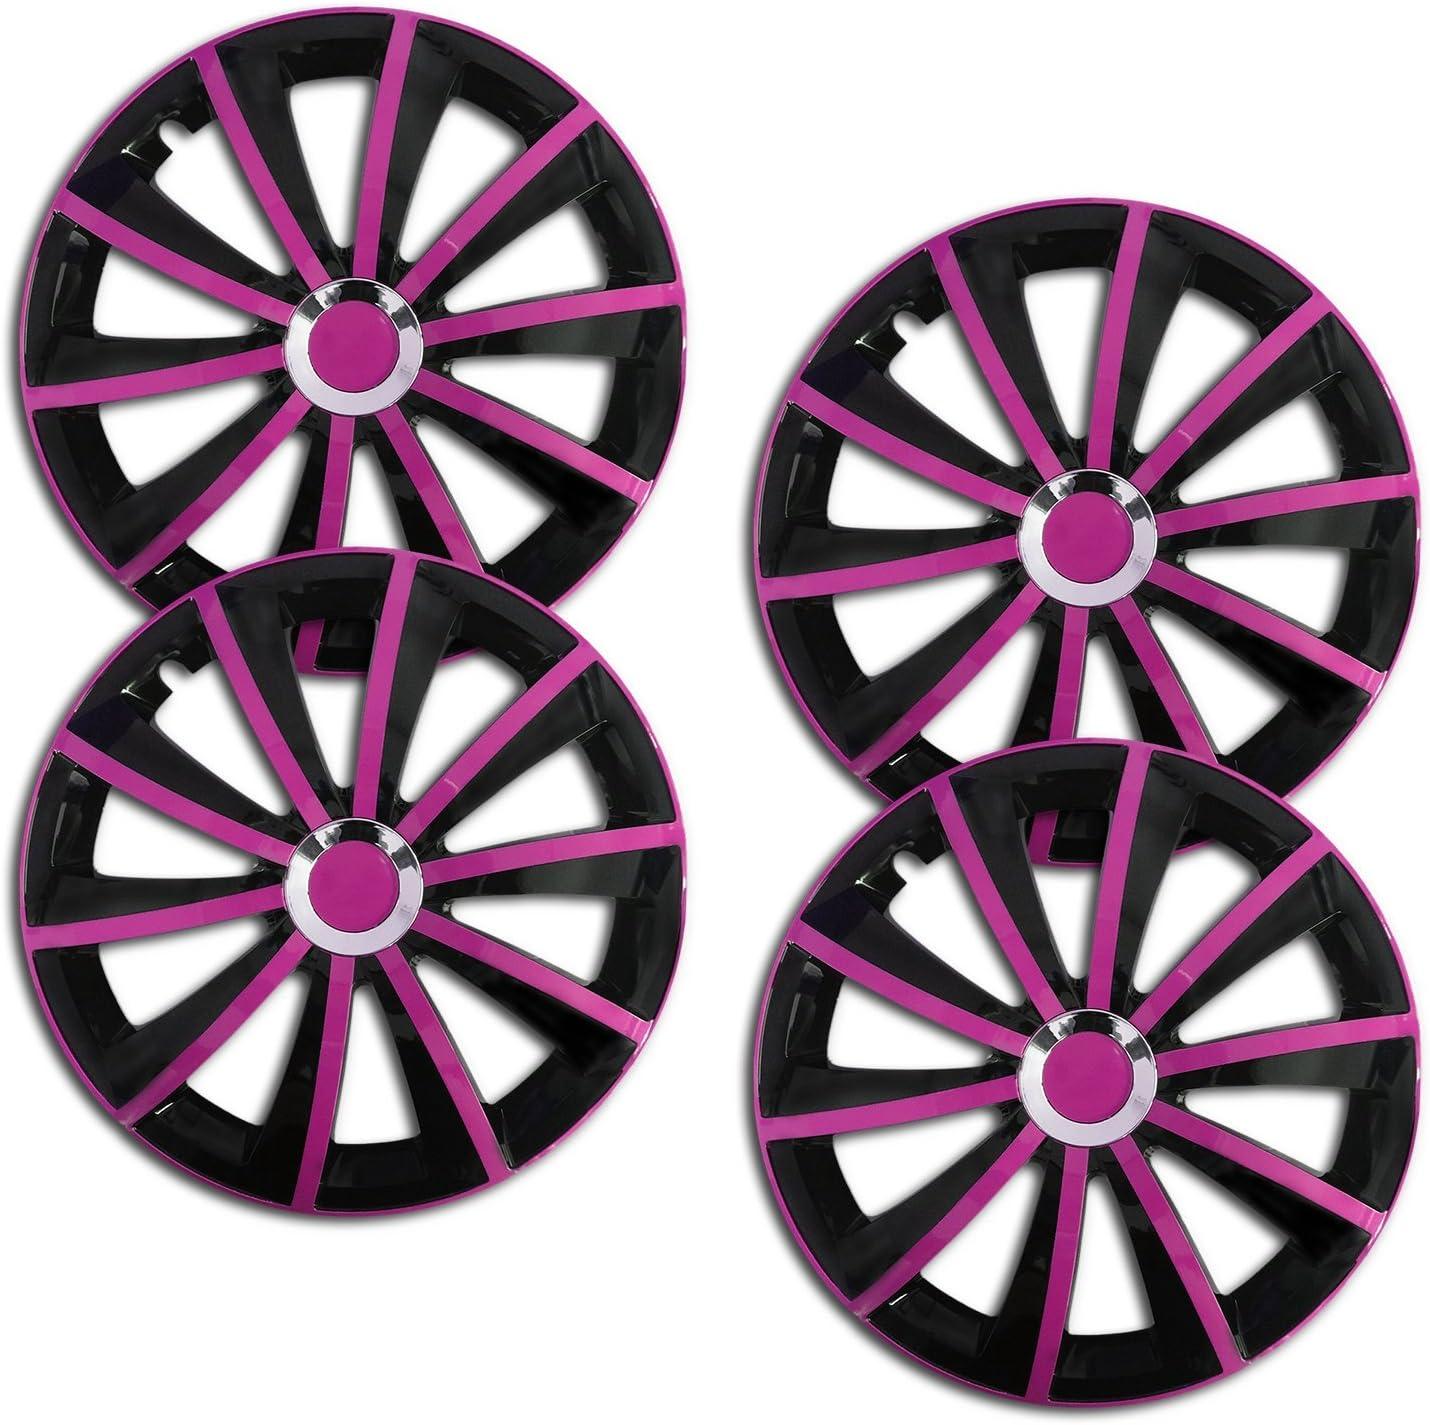 16 Zoll Rkk12 Multi Color Line Schwarz Pink Radkappen Radzierblenden 4 Stück Auto